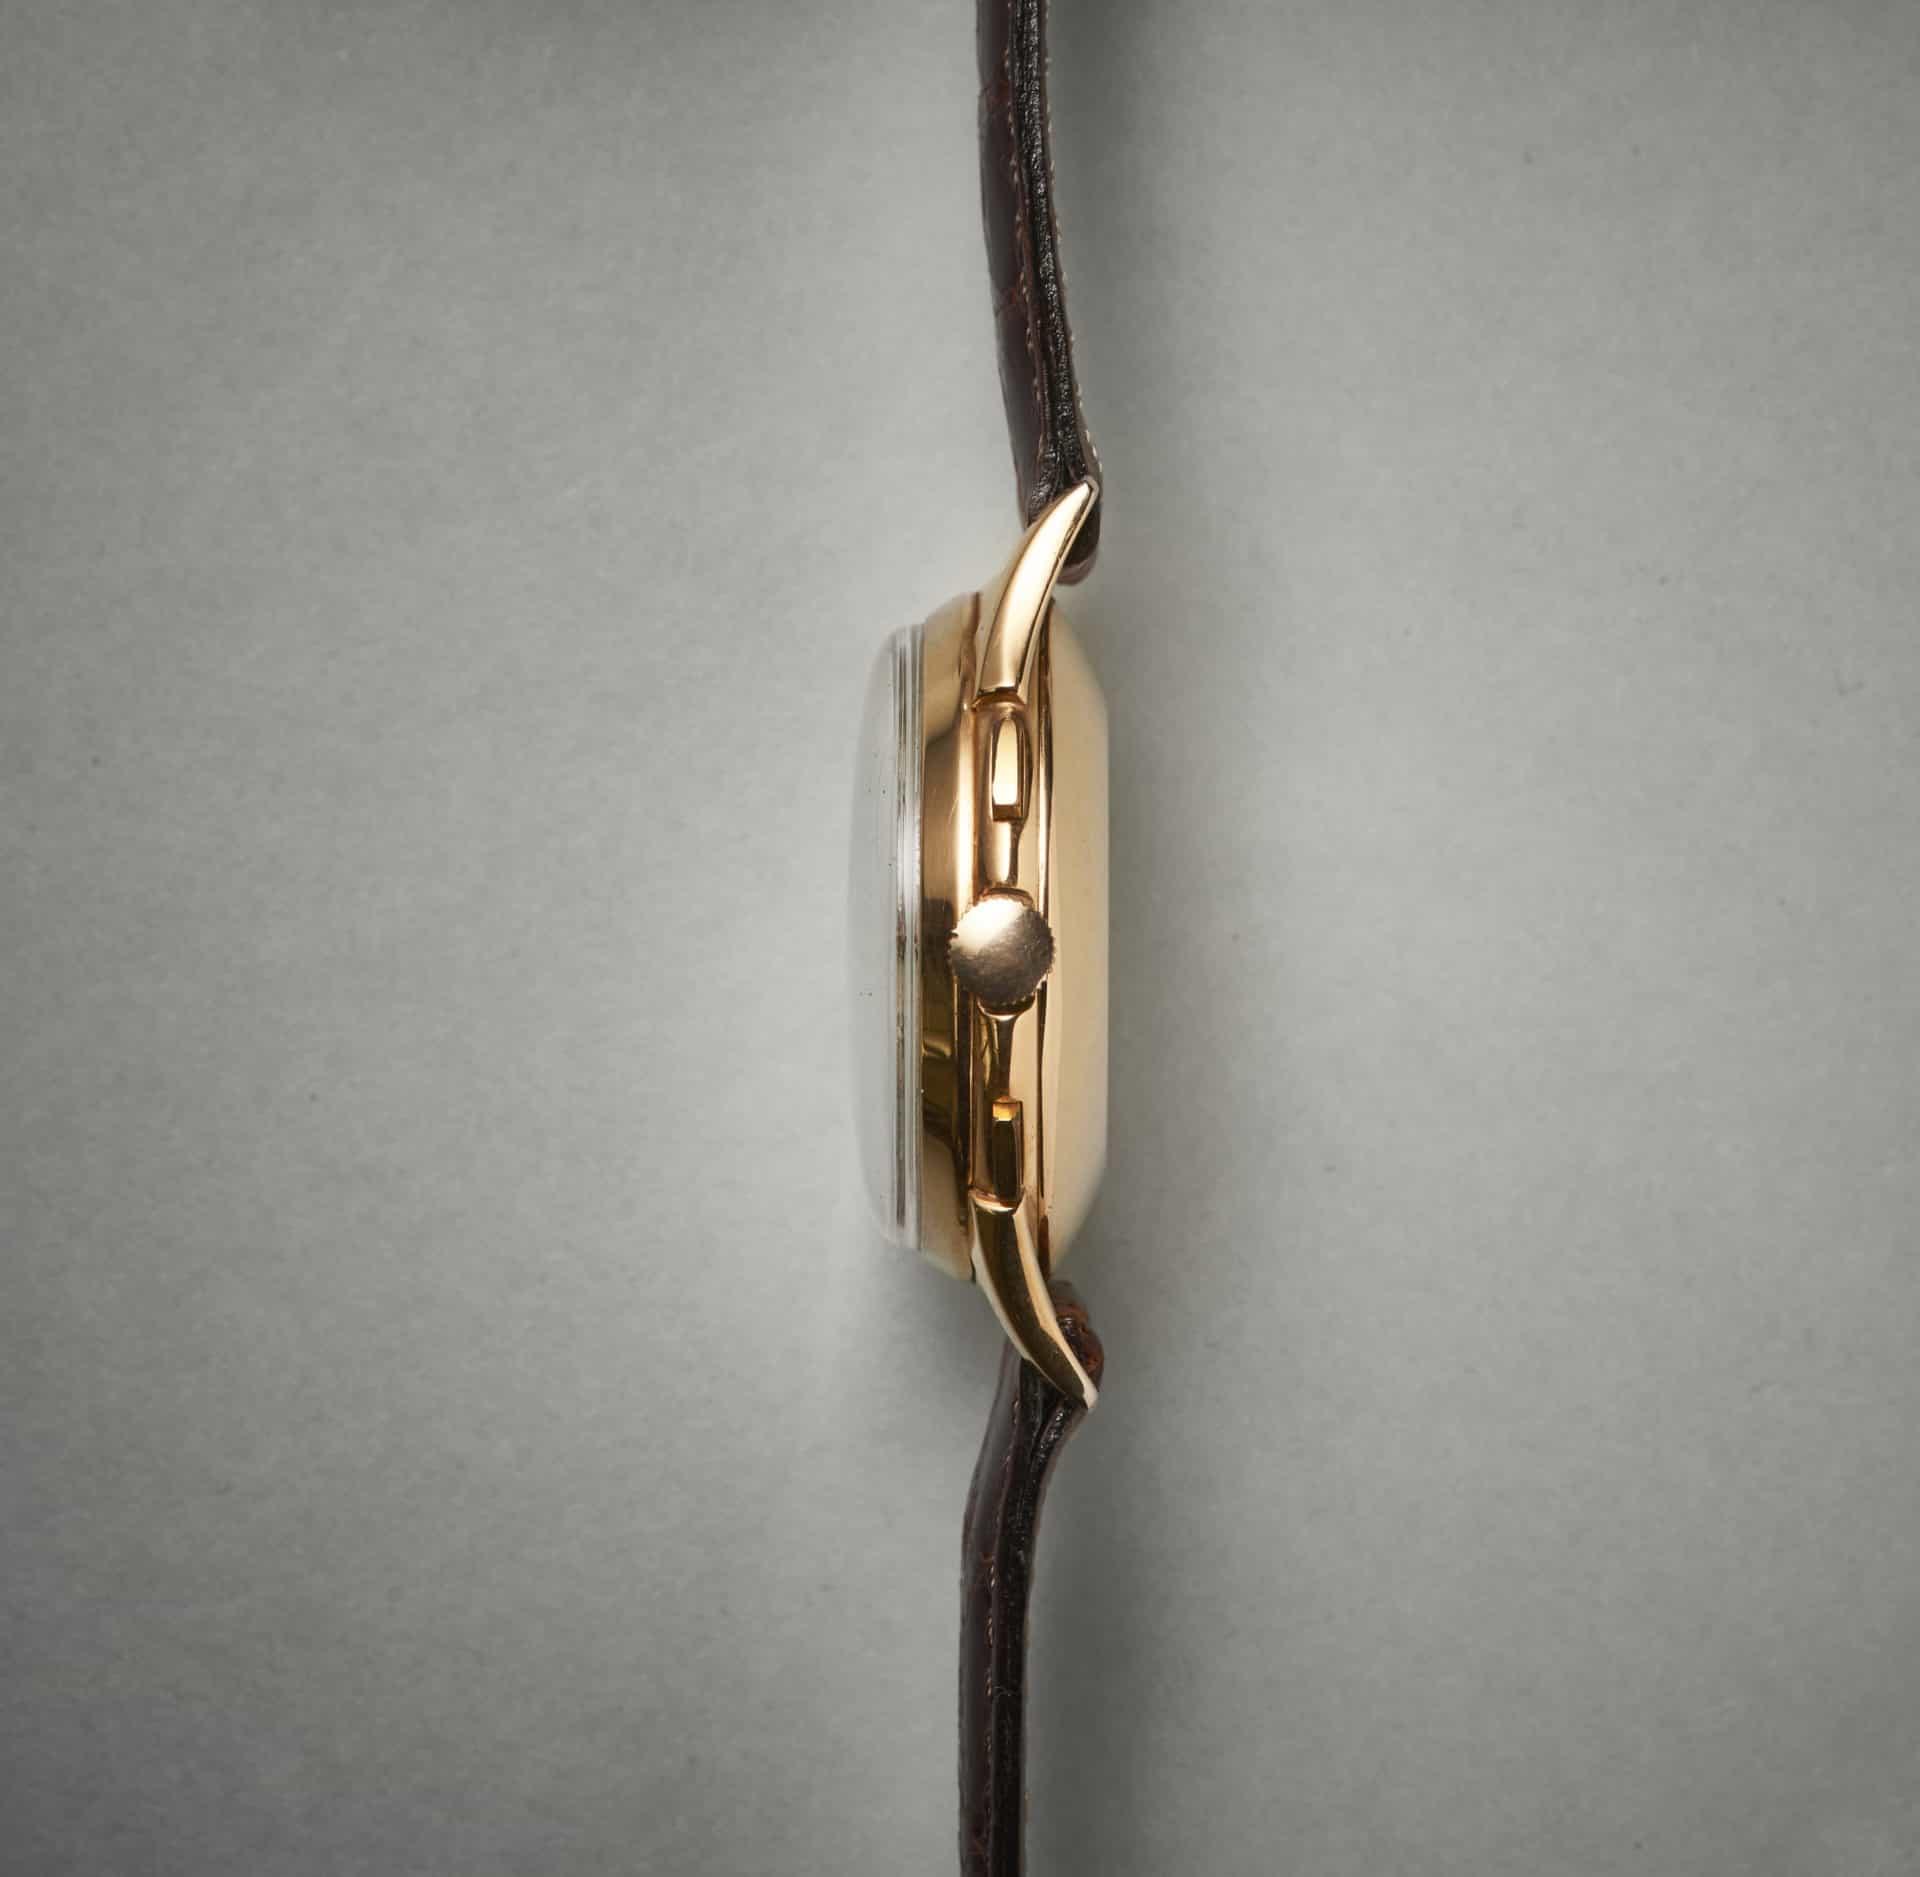 Die Drücker für den Chronographen sind nur vergoldet, entsprechend sind Abnützungsspuren zu sehen Bilder Uhrenkosmos